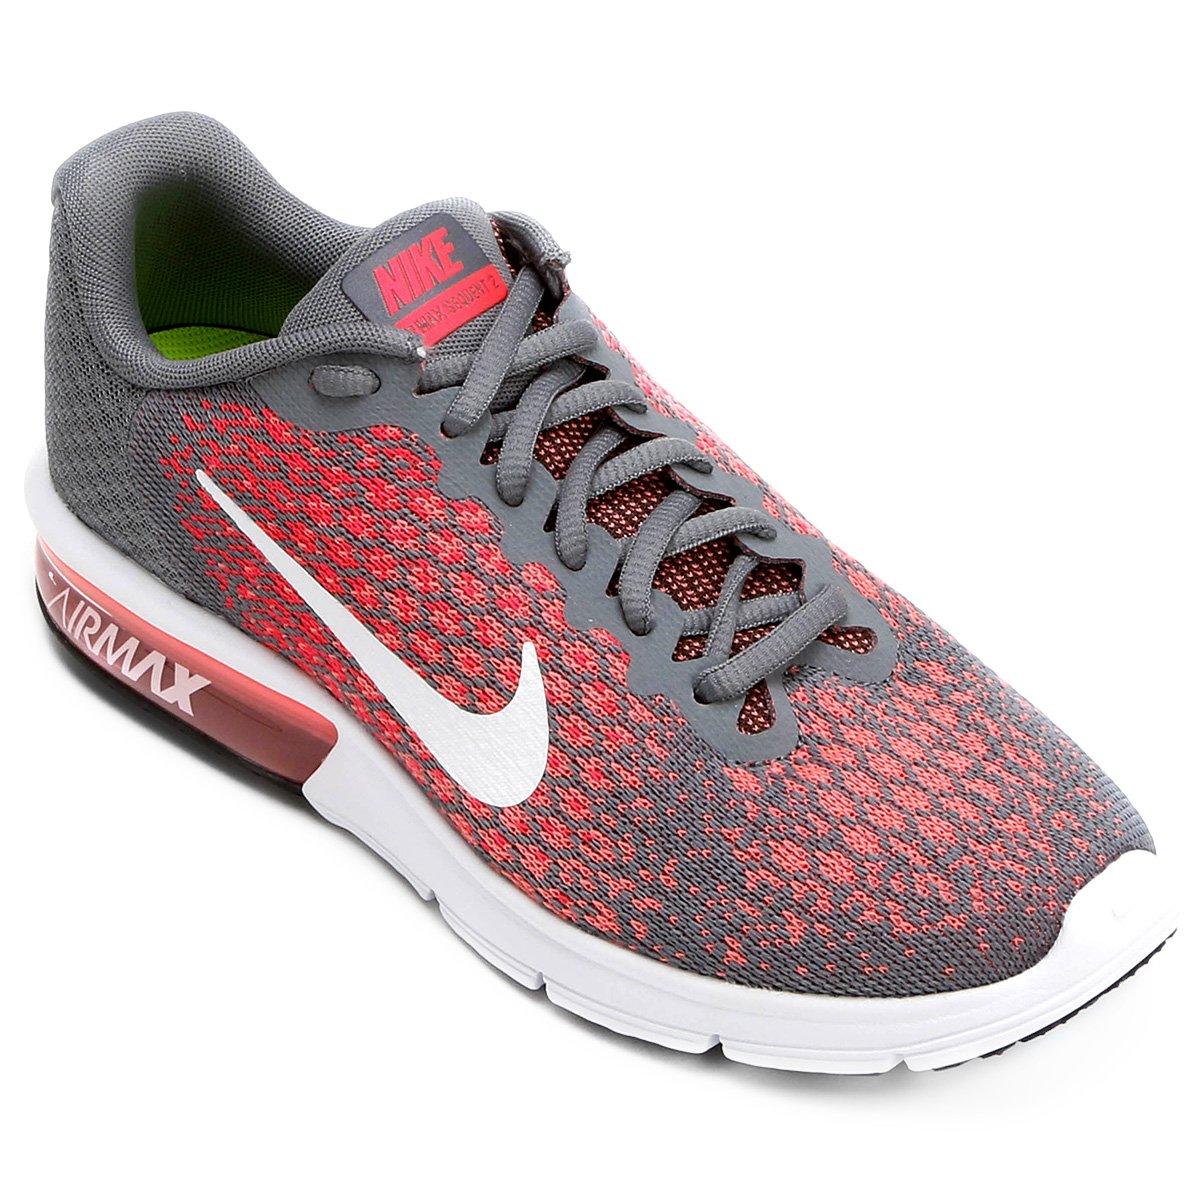 5deed1bd404 Tênis Nike Air Max Sequent 2 Feminino - Cinza e Vermelho - Compre Agora